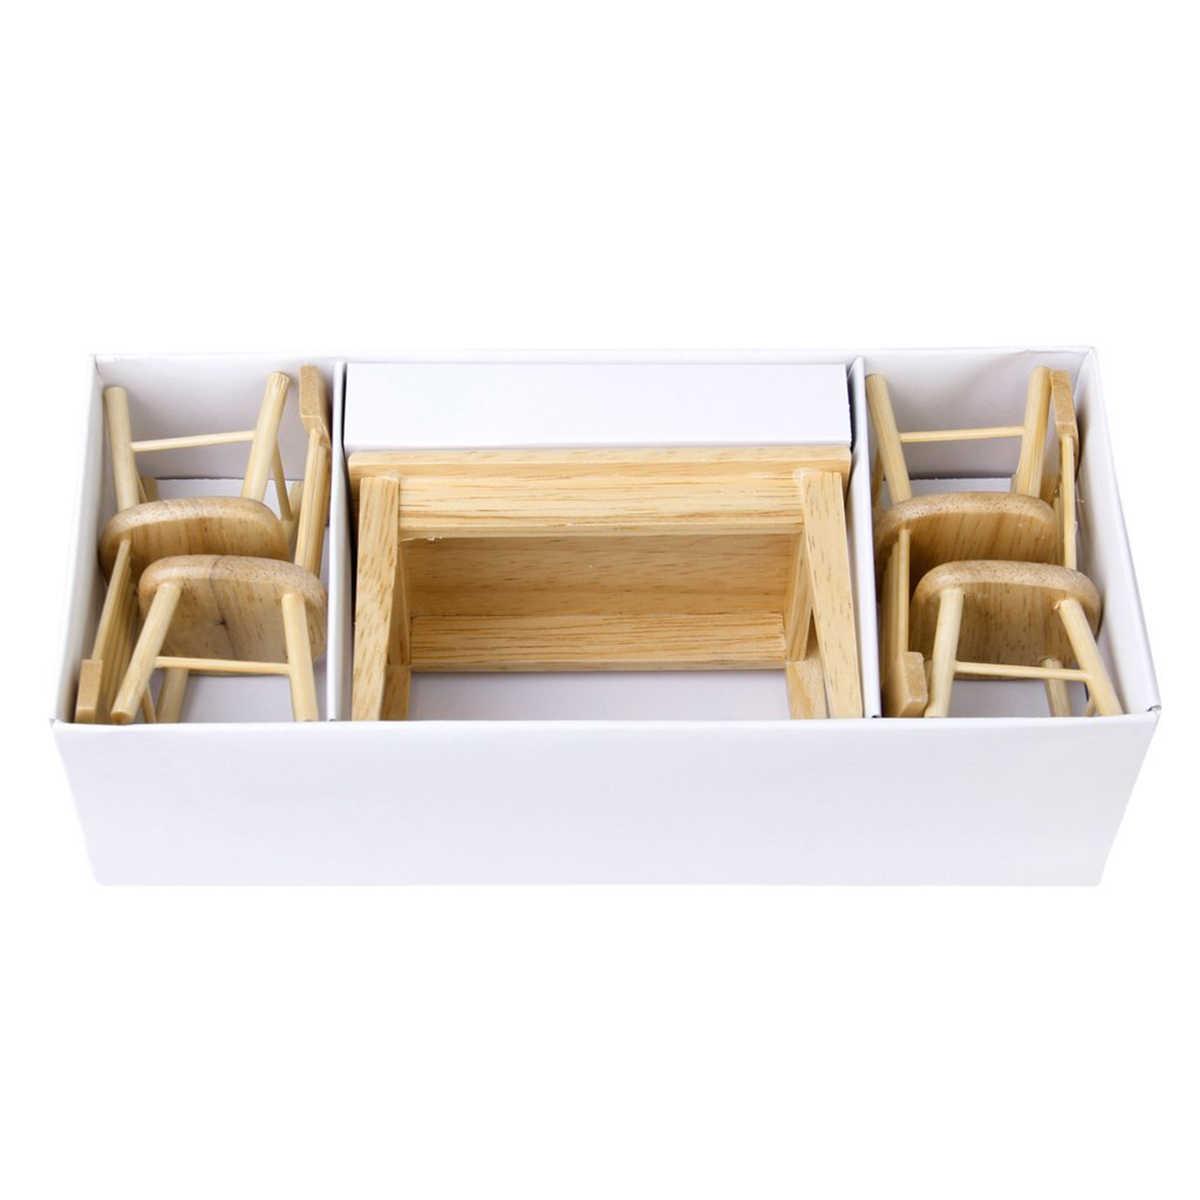 5 ピース/セット 1/12 ドールハウスミニチュアダイニングテーブル椅子木製家具セット家具のおもちゃ子供のおもちゃ